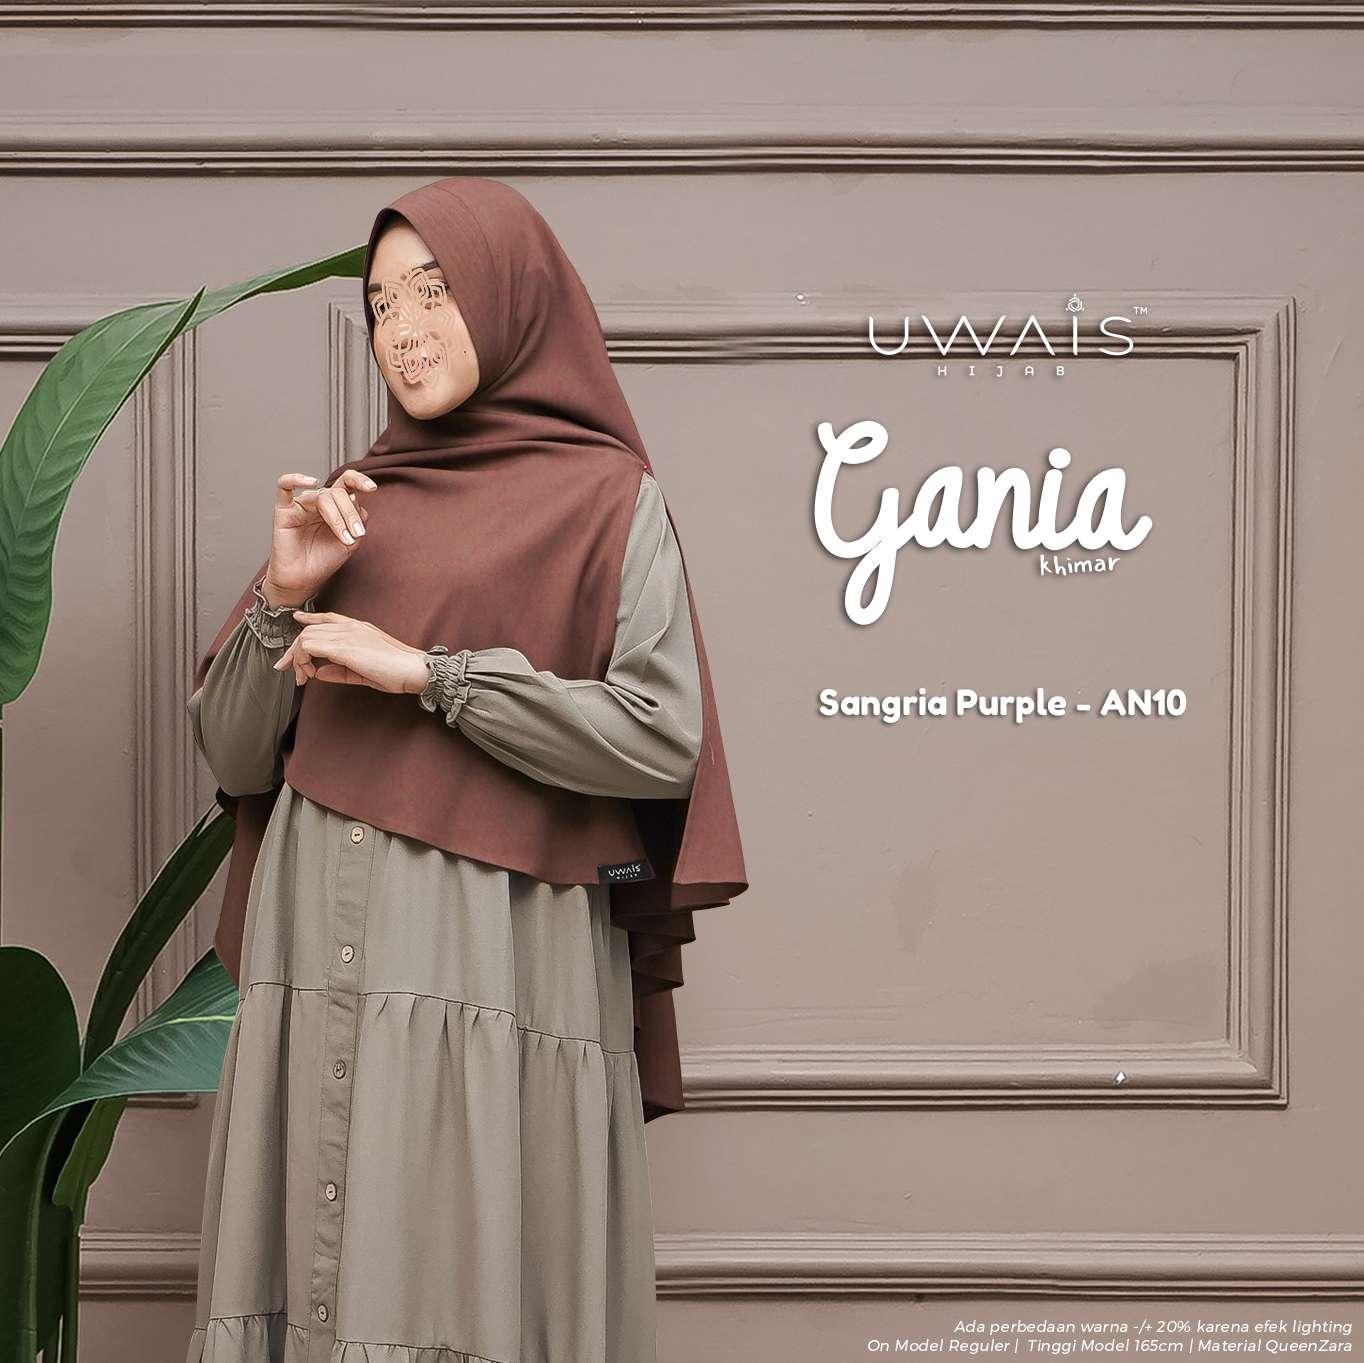 10gania_sangria_purple